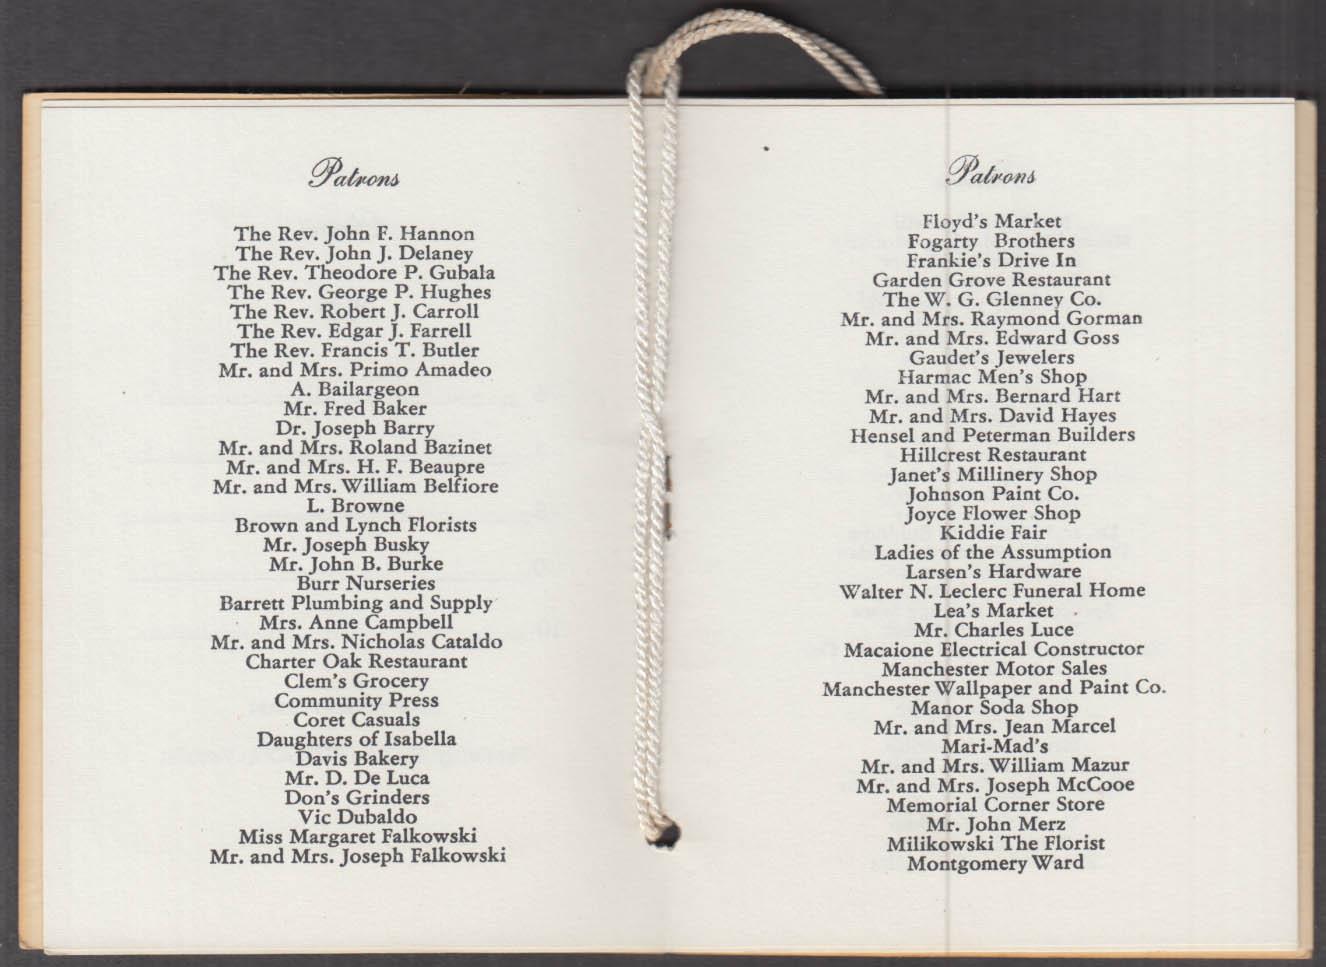 St Bridget's & St James CYO Snowball Dance Card Manchester CT 1954